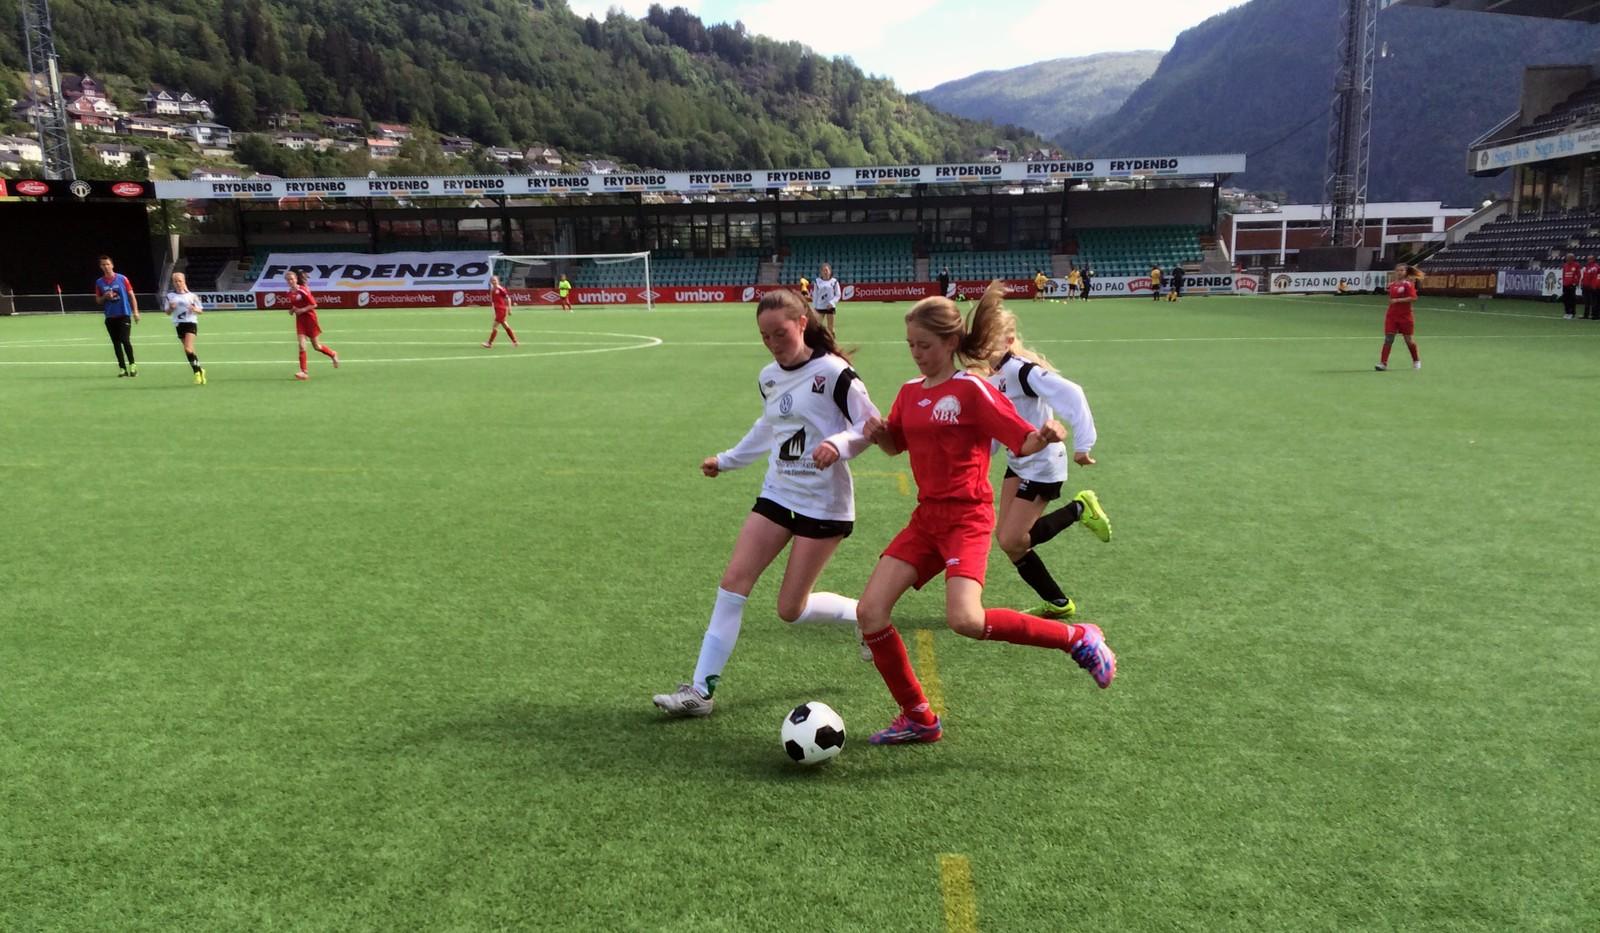 NESTEN MÅL: Sigrun Ringstad Loen på Førde sitt J13-lag makta å hindra Nordhordland ballklubbs Åsne Olsvik i å skåra på Fosshaugane Campus.